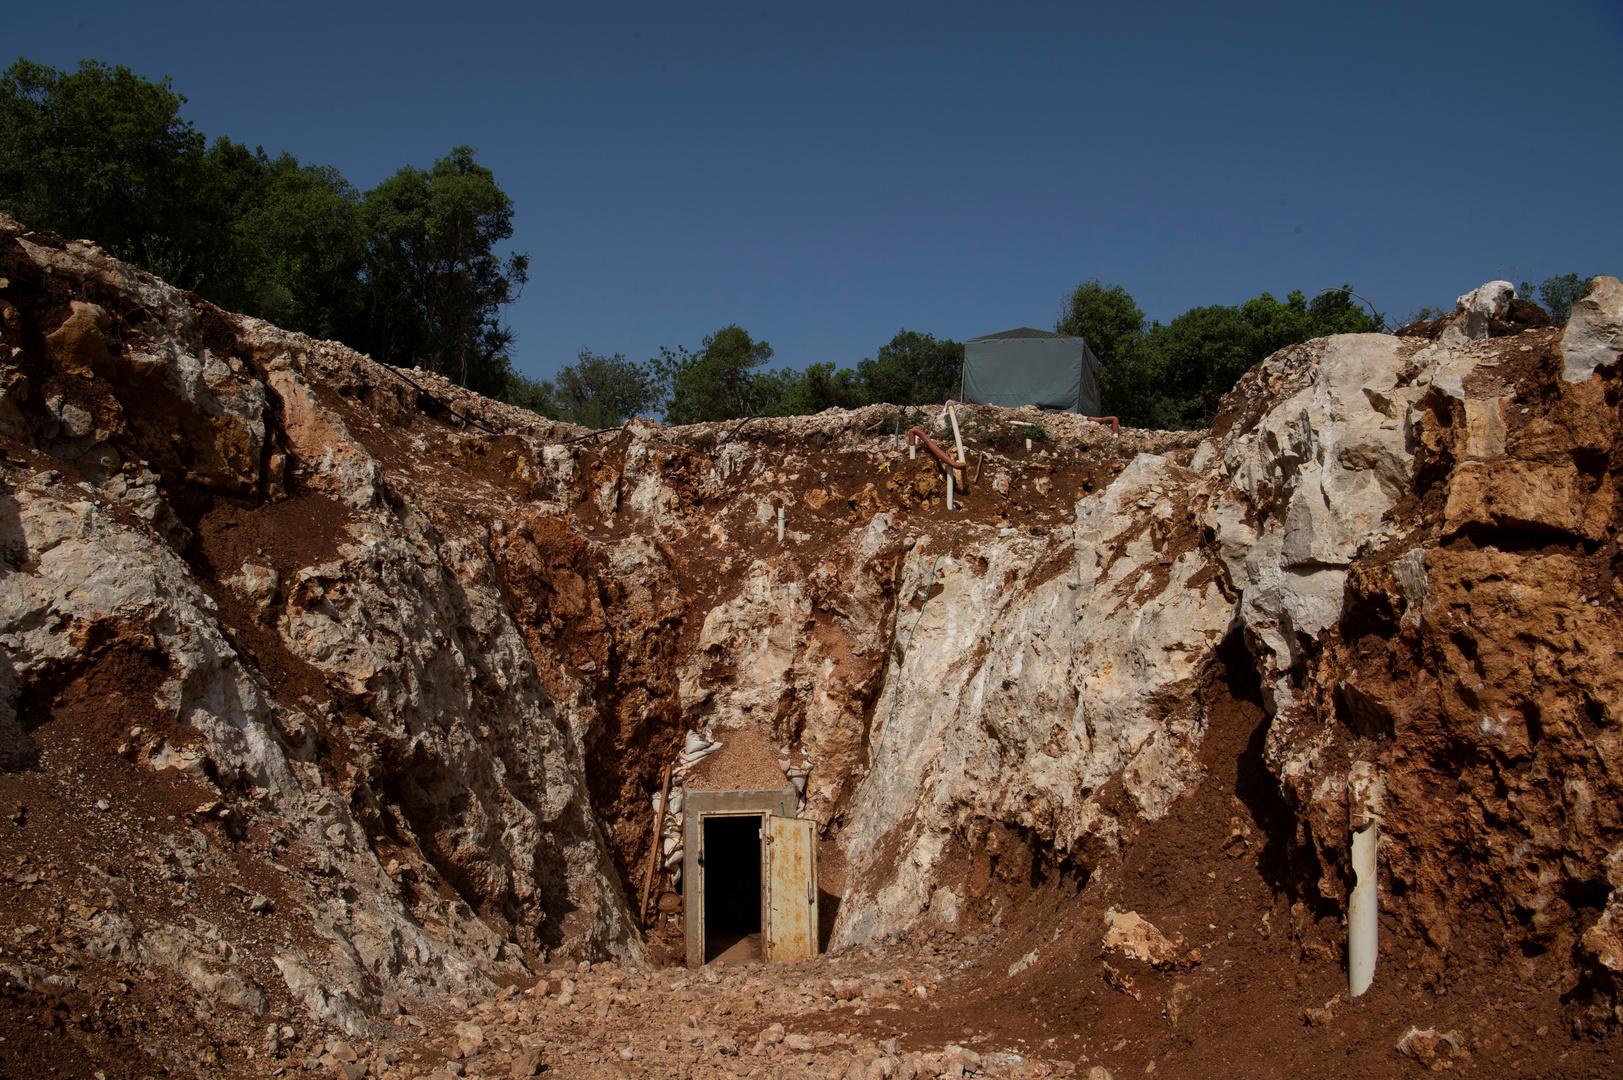 إسرائيل تنشر نظام استشعار جديداخاصا برصد الأنفاق عند حدود لبنان